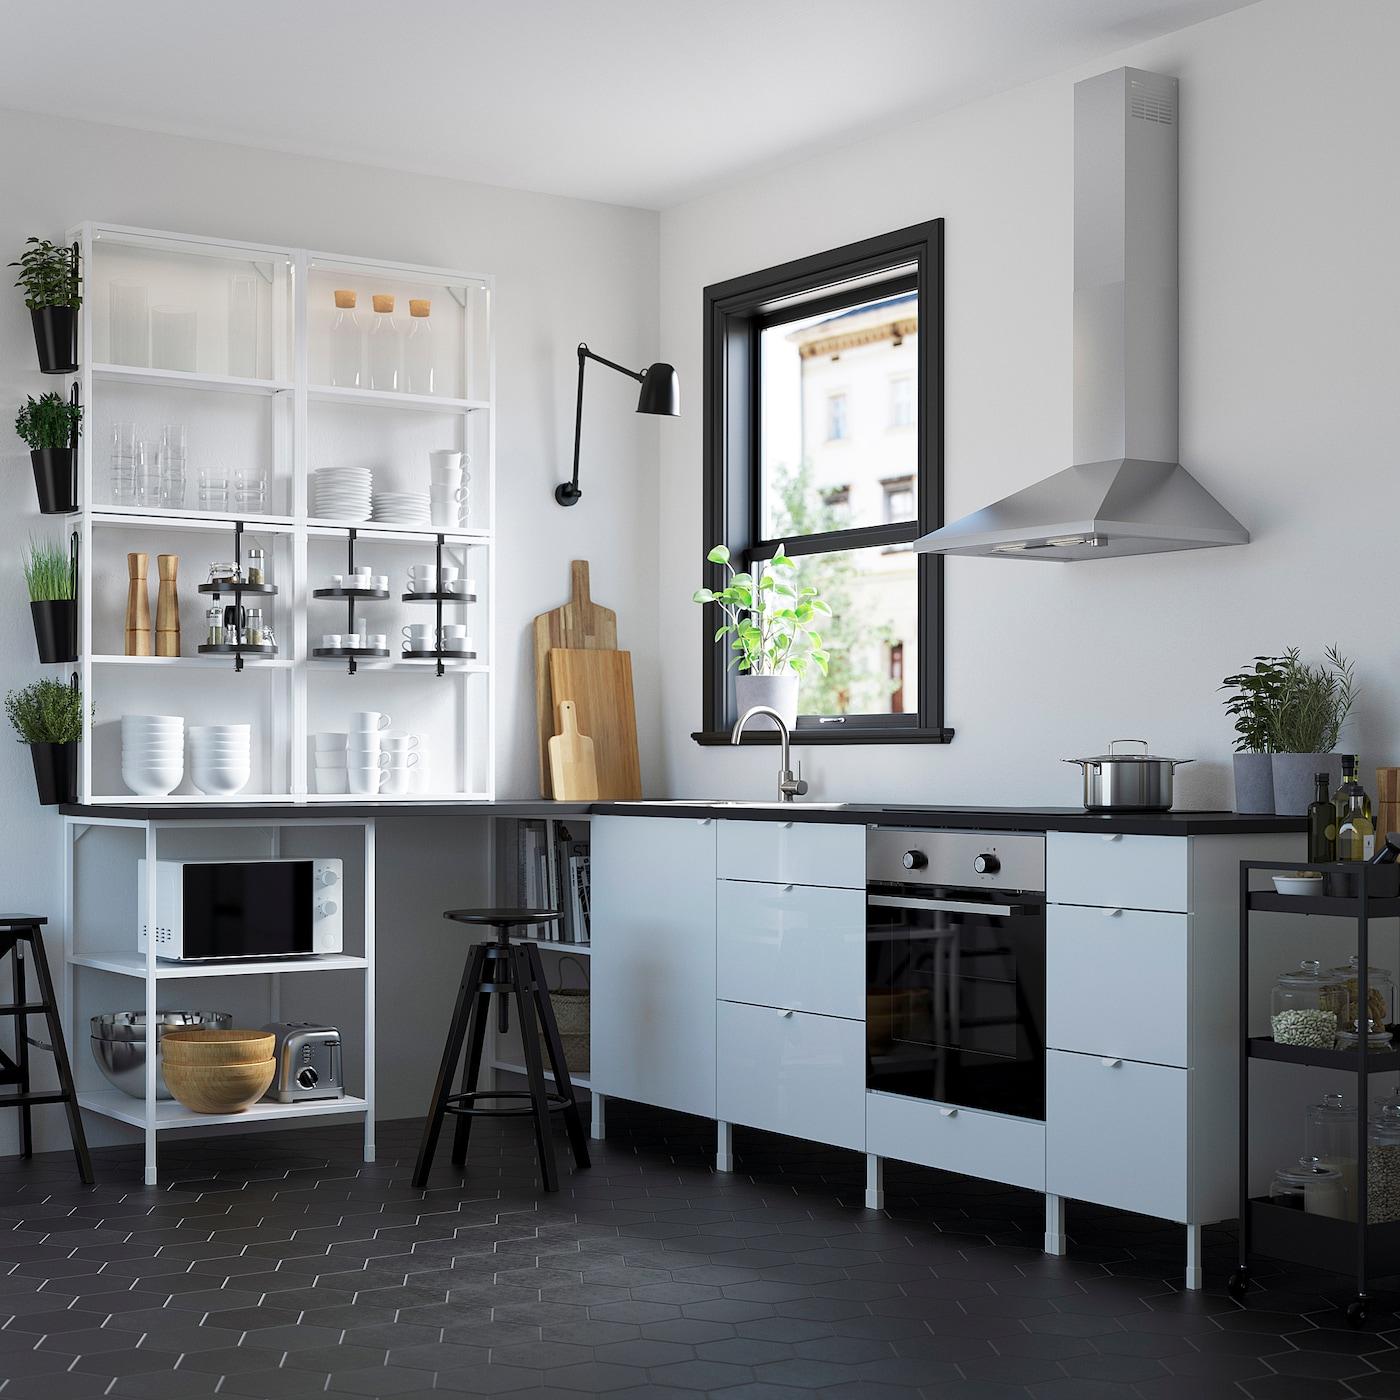 ENHET Eckküche - weiß, Hochglanz weiß - IKEA Deutschland